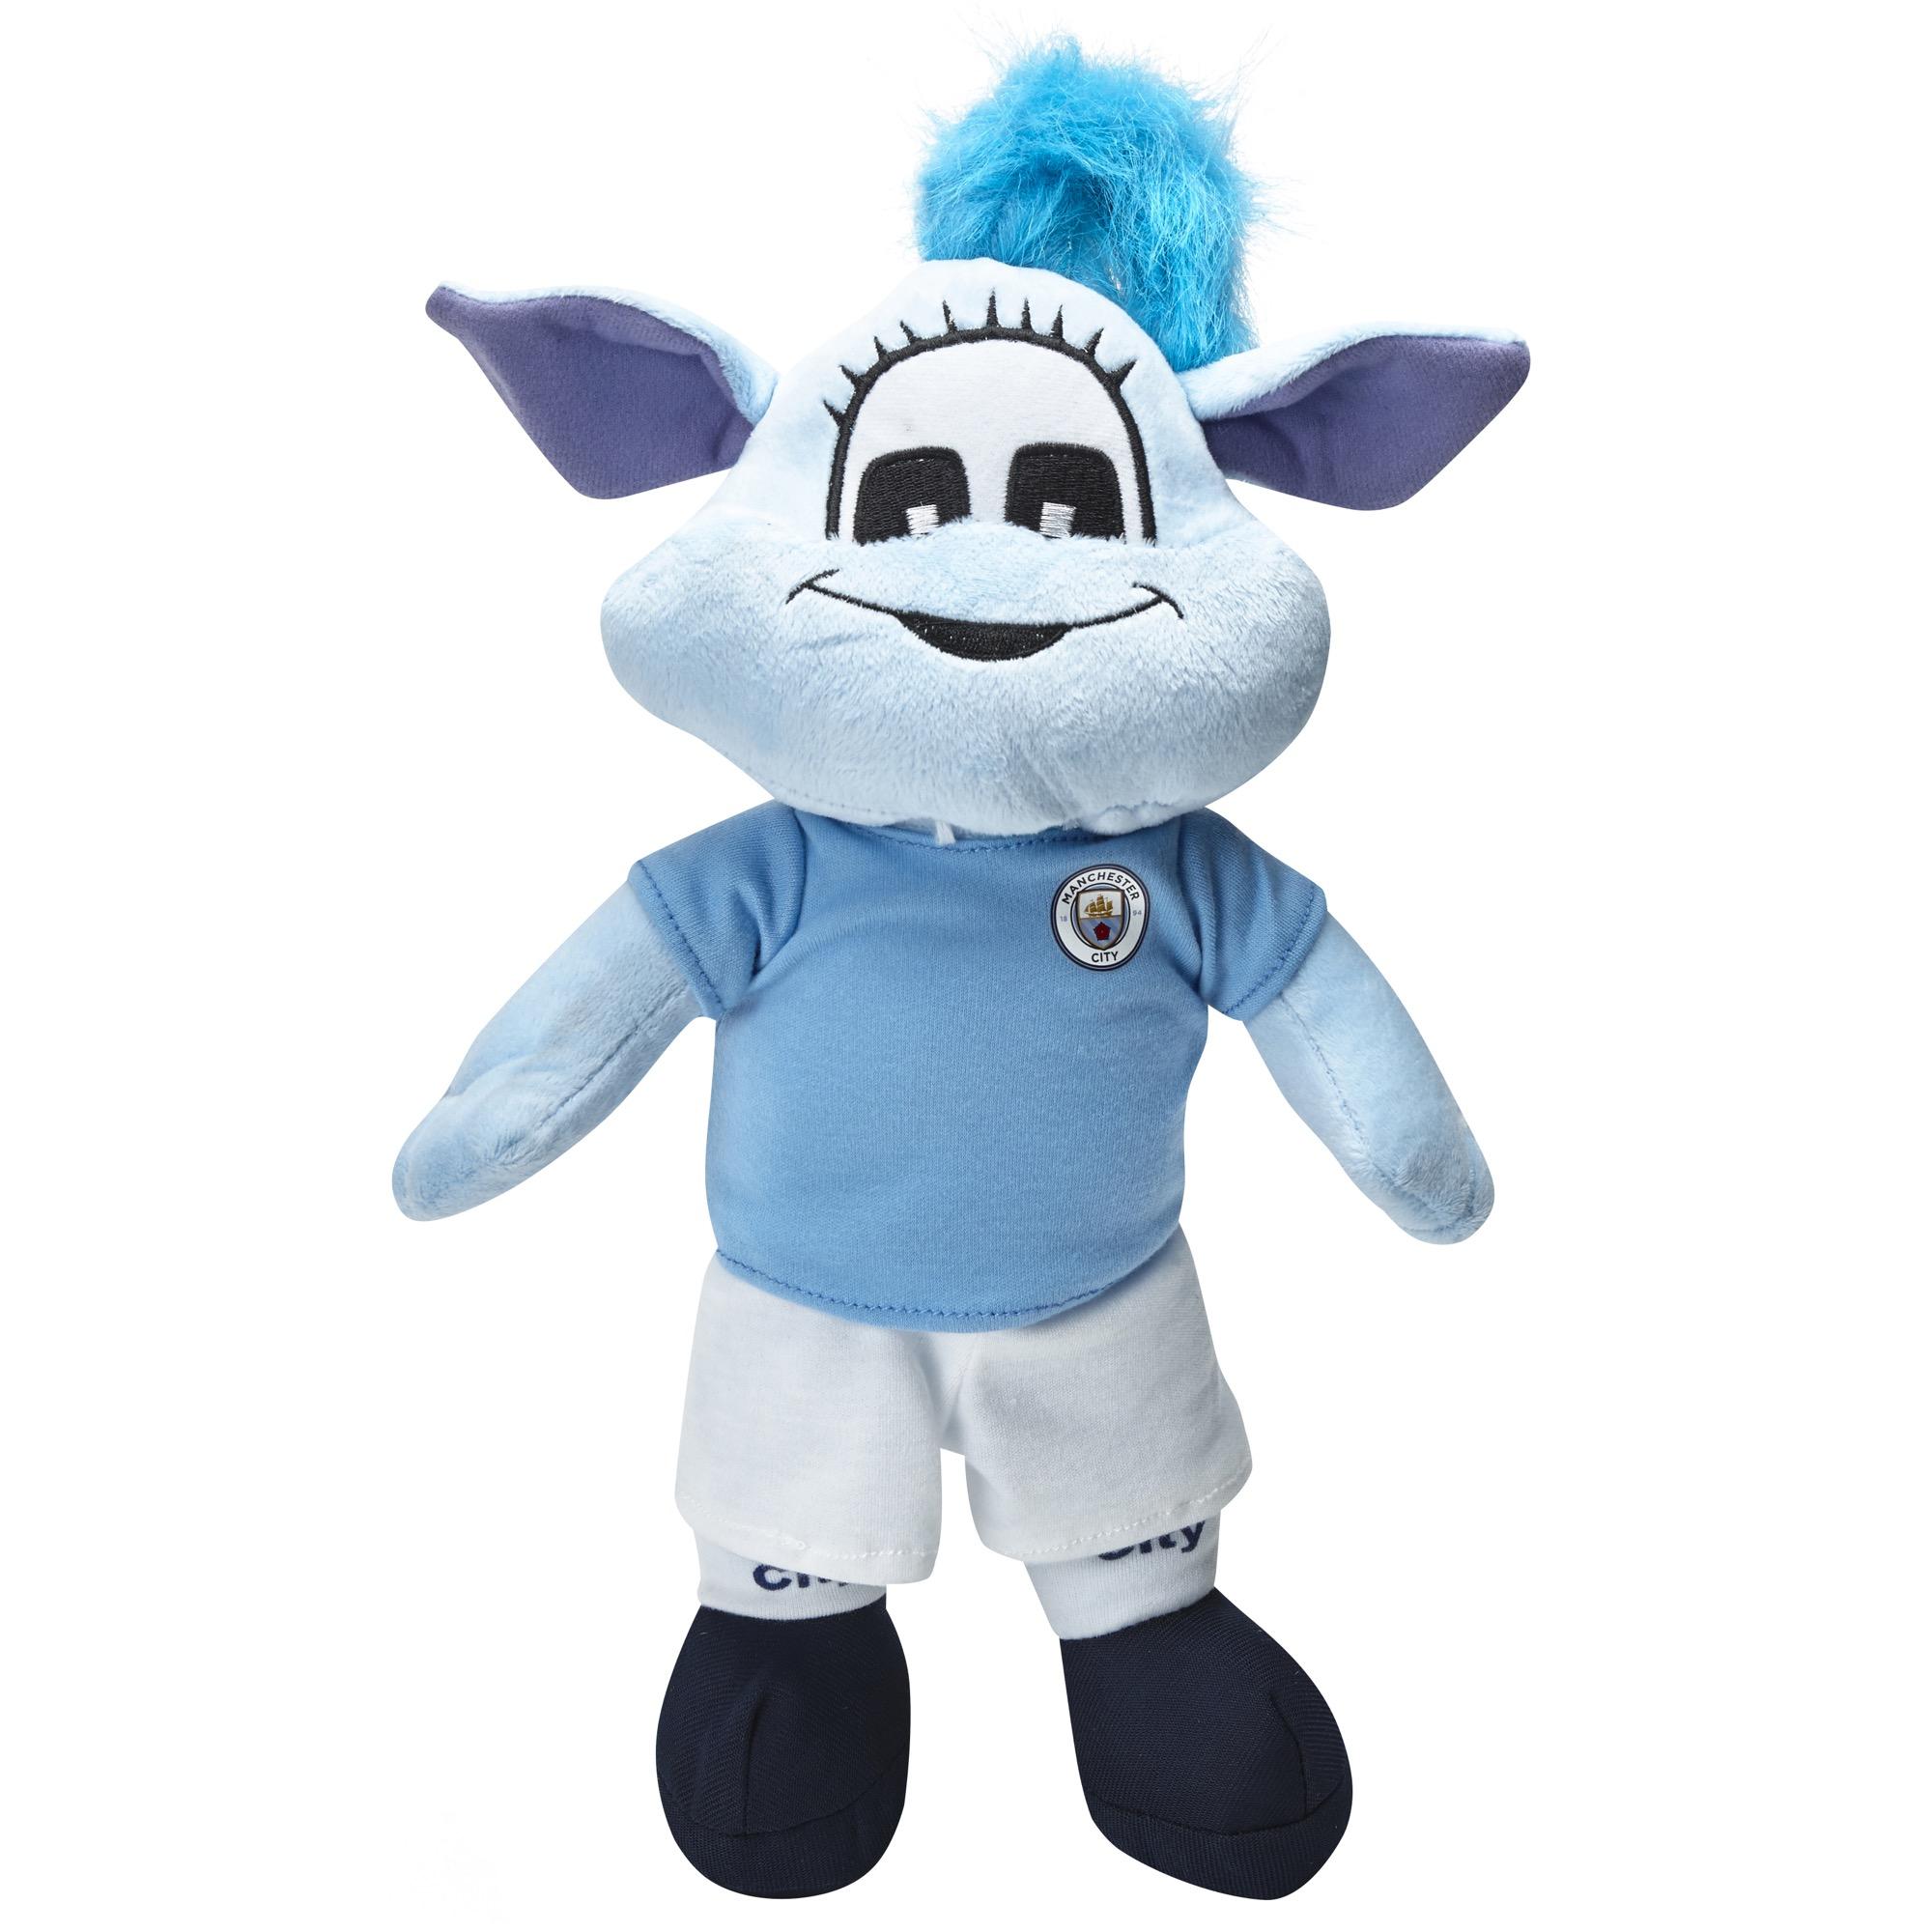 Juguete de peluche Moonbeam del Manchester City